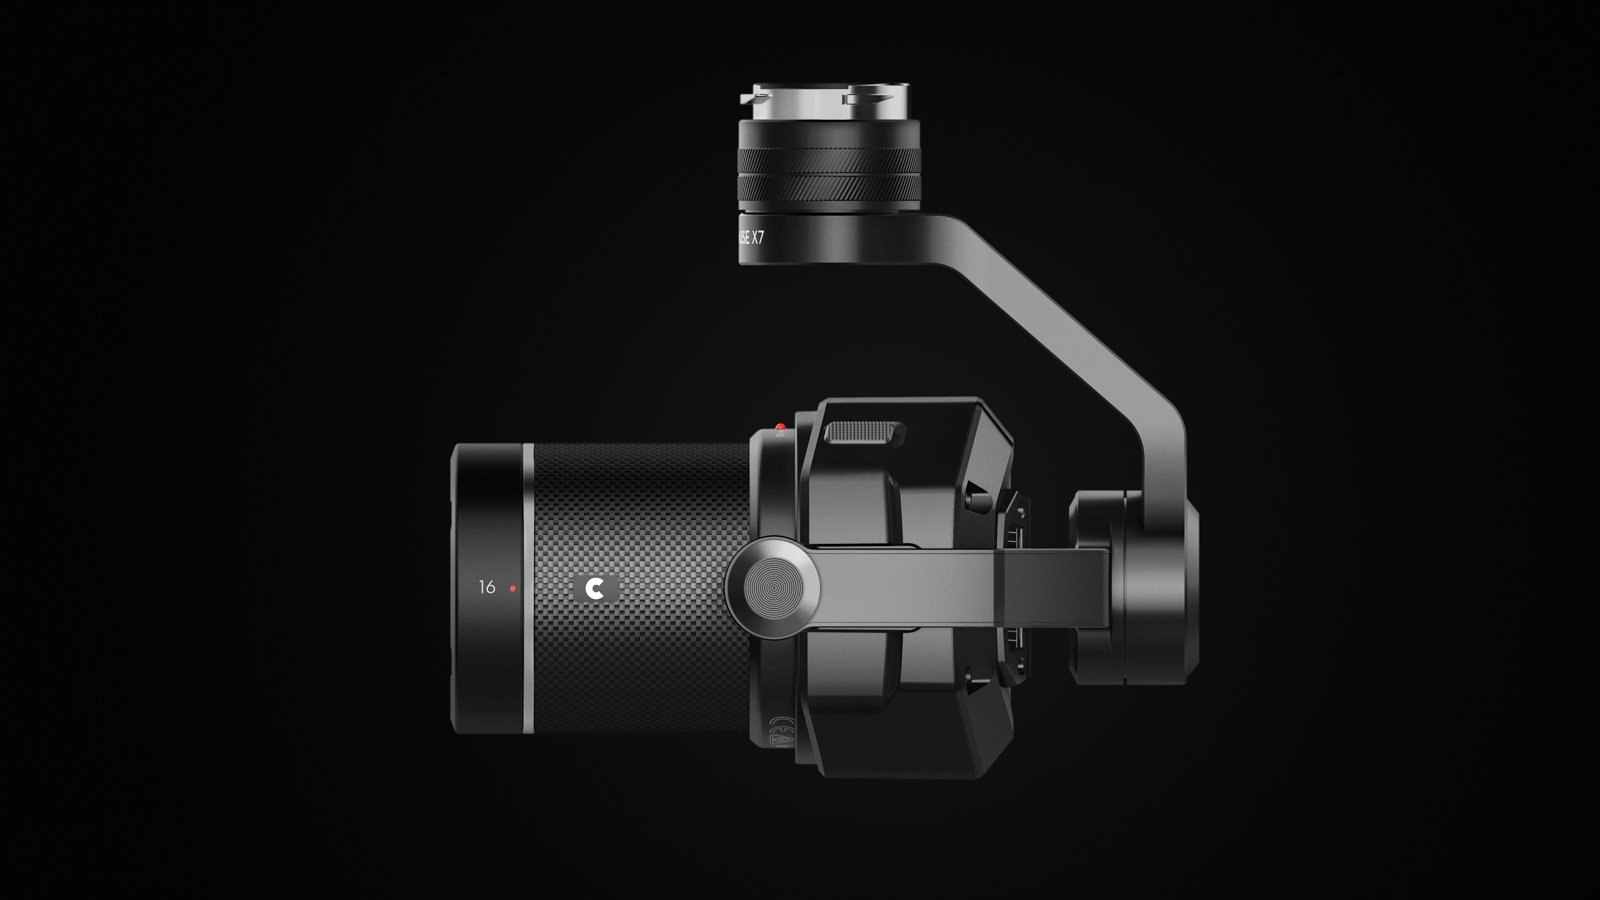 DJI X7 kamera med 16mm